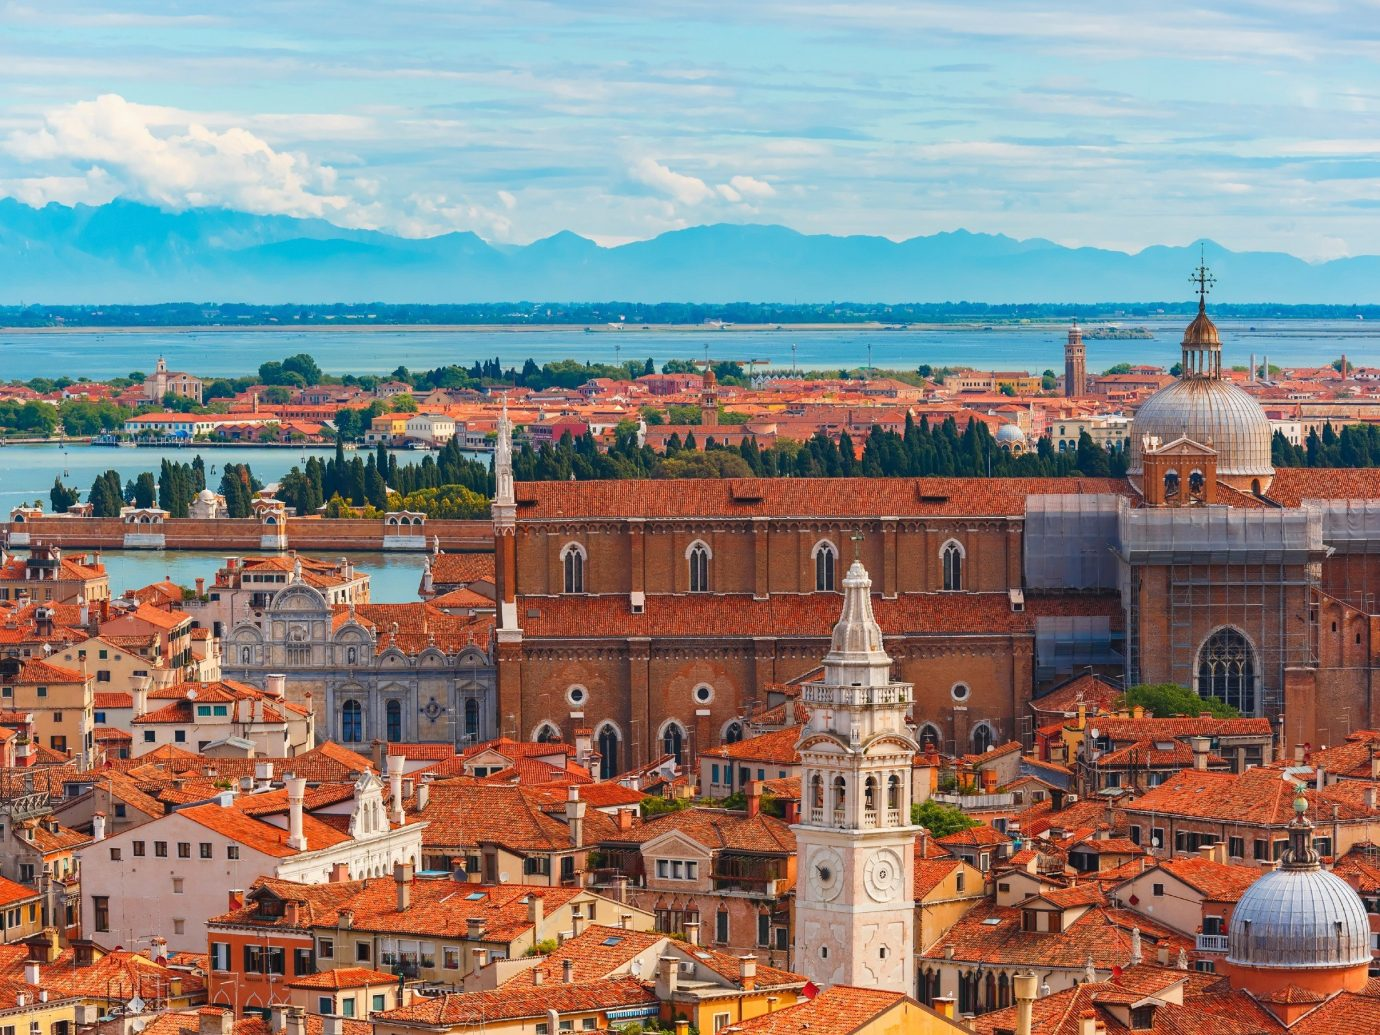 Trip Ideas Town cityscape City landmark human settlement mountain vacation skyline Coast Sea panorama